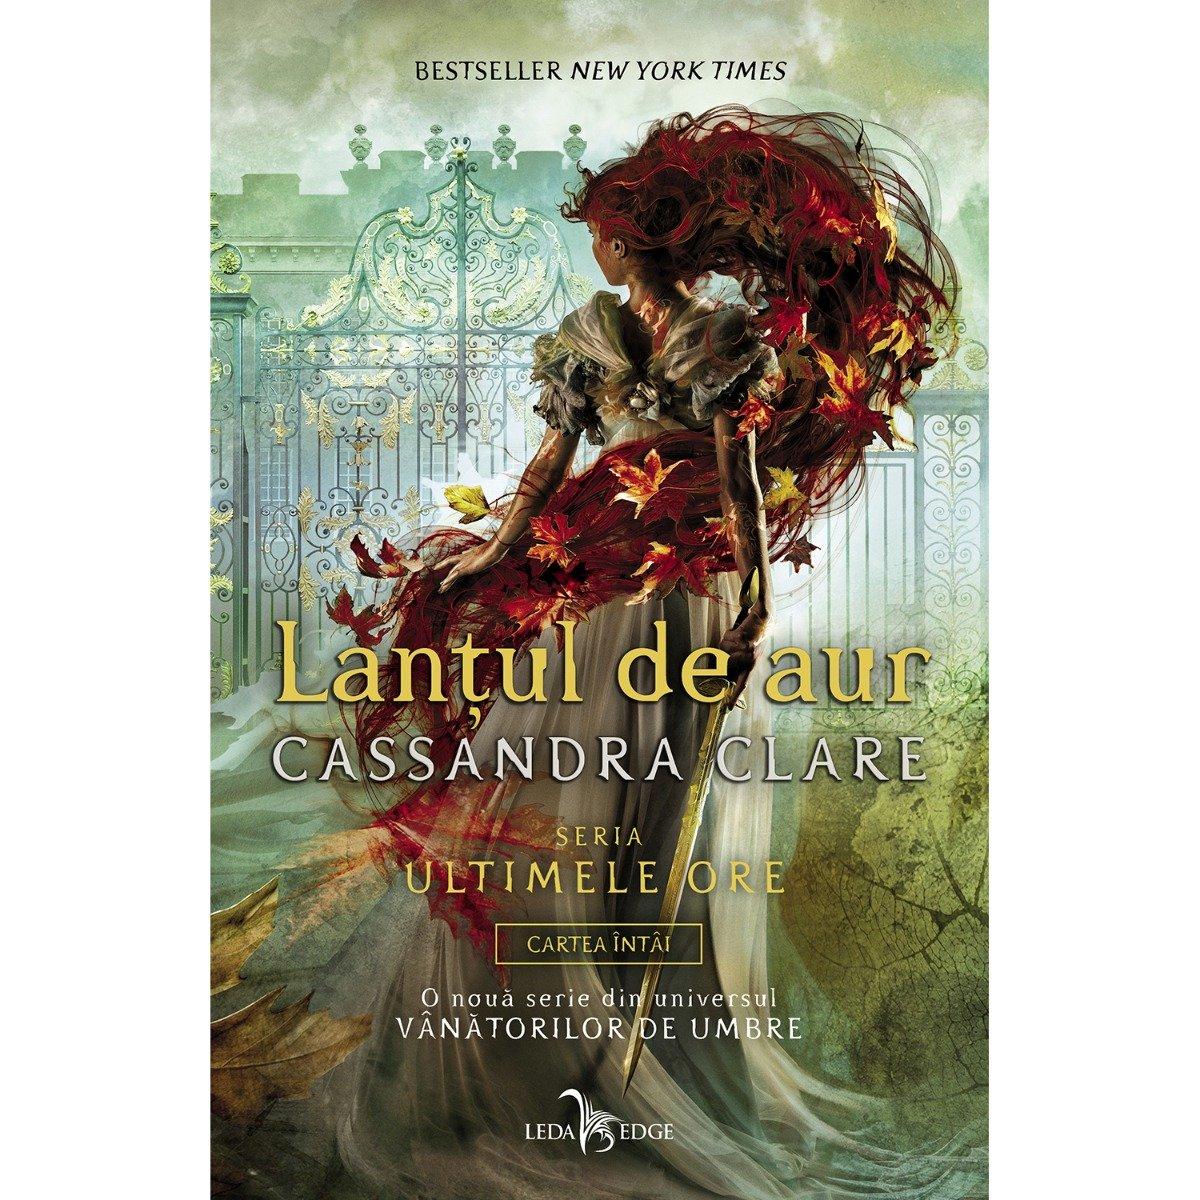 Ultimele ore, Lantul de aur, Vol. 1, Cassandra Clare